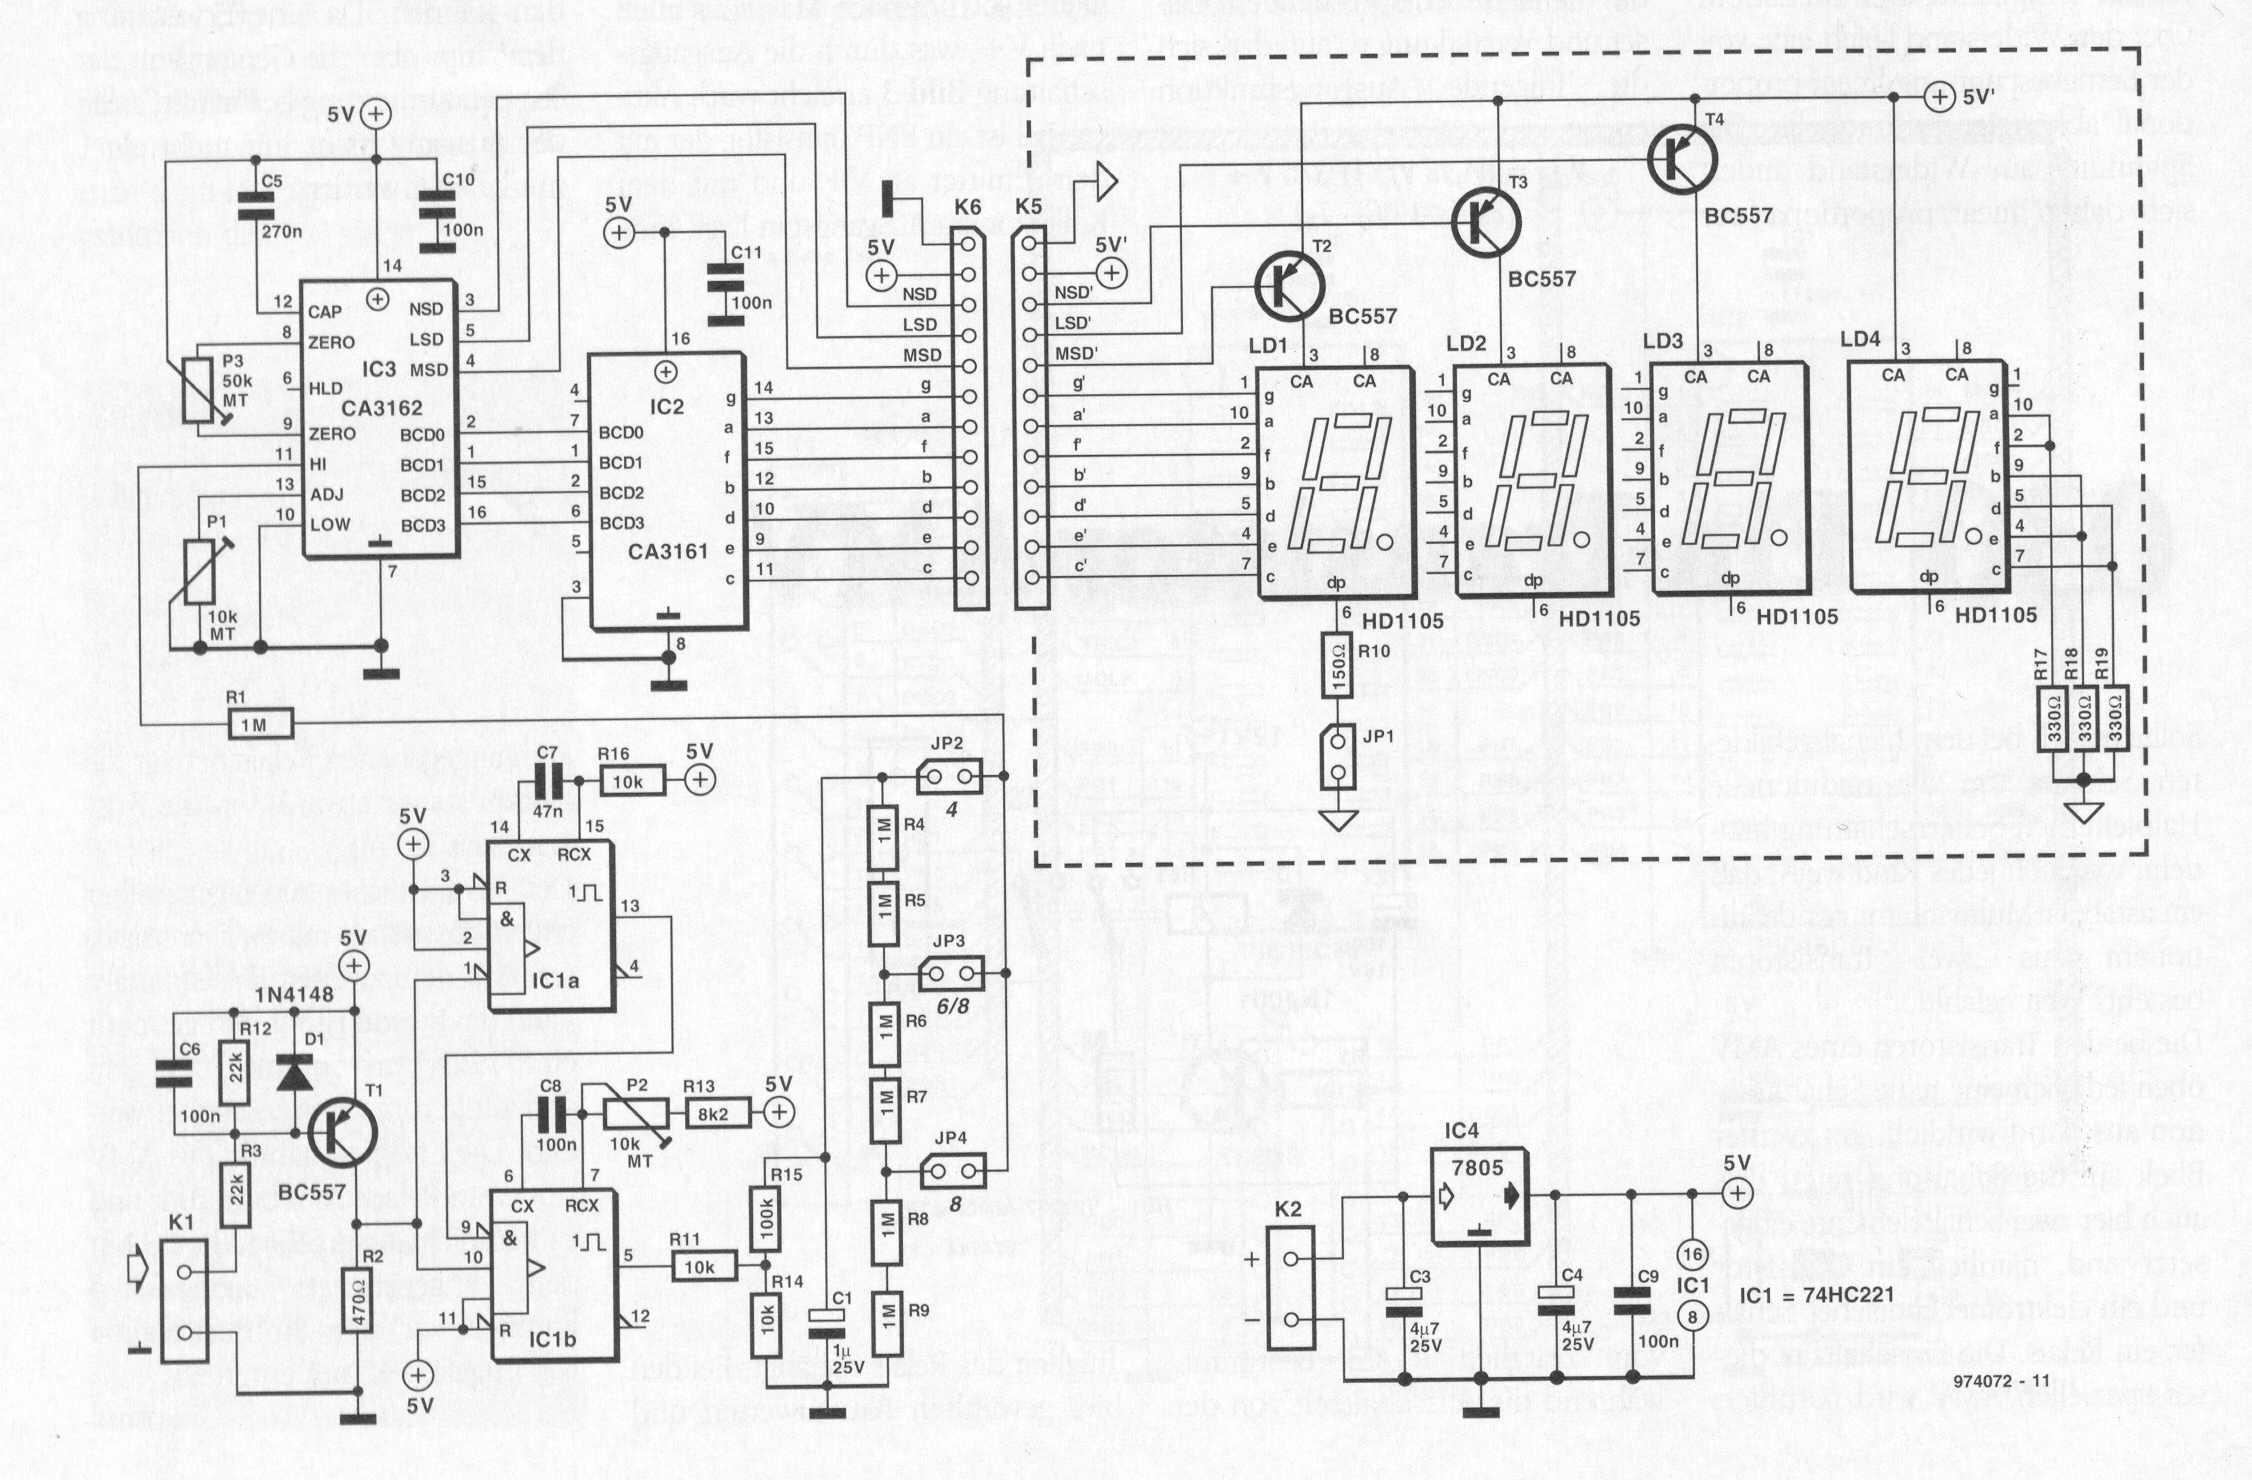 Drehzahlmesser 4 mal 7-segment mit 90S2313 - Mikrocontroller.net